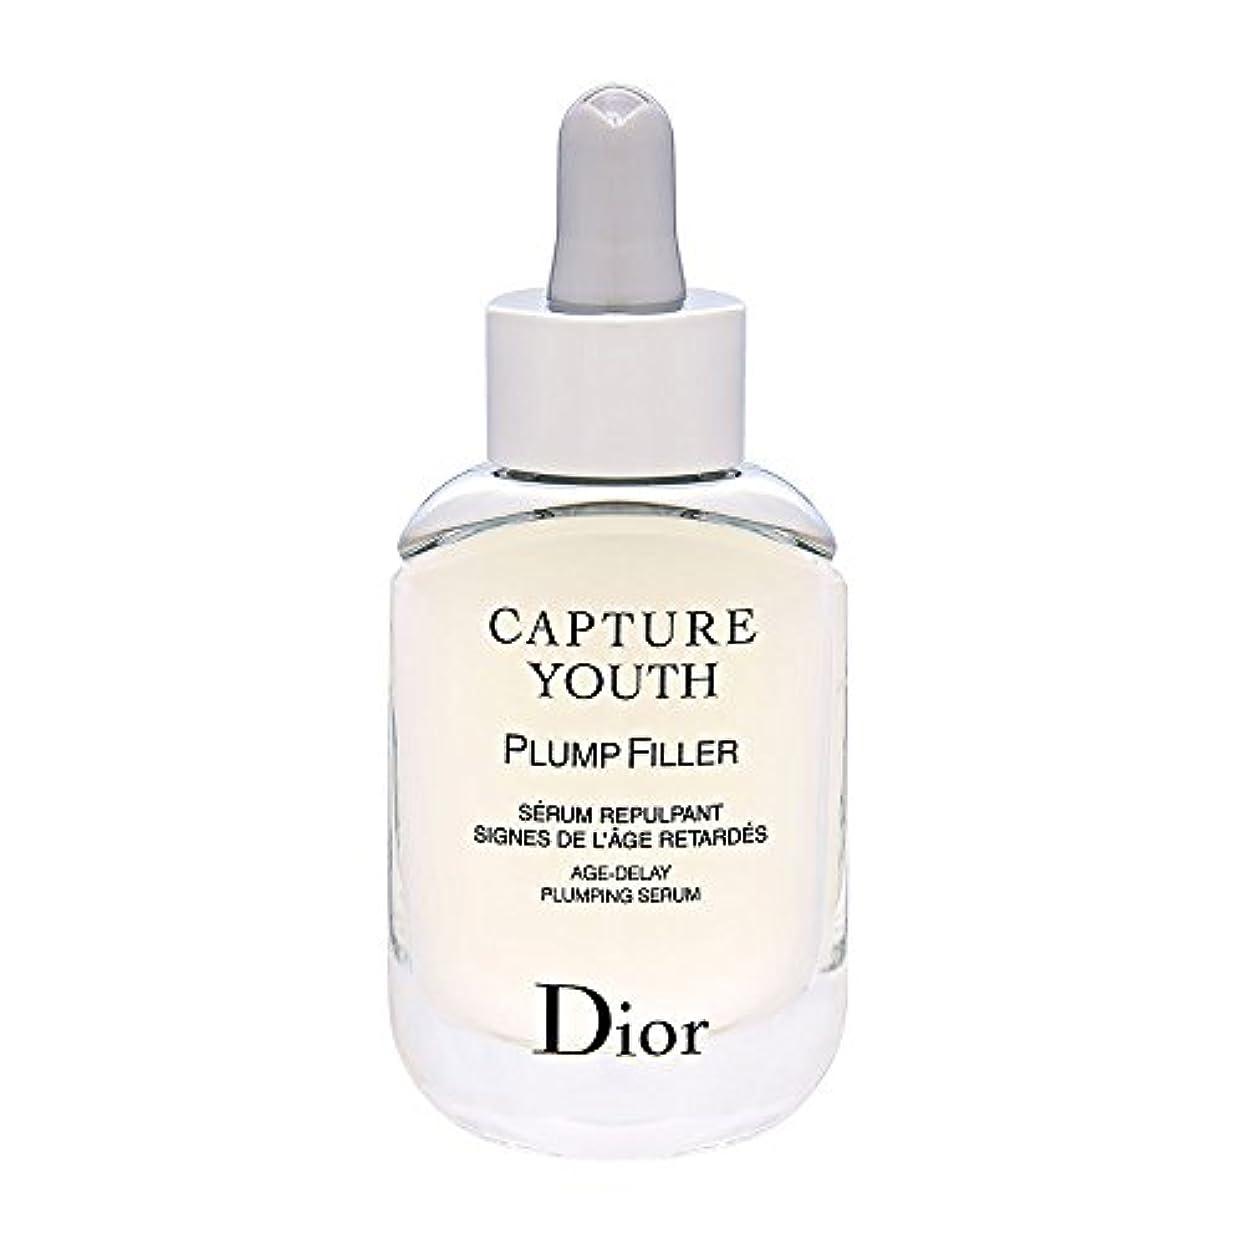 天使残基有名クリスチャンディオール Christian Dior カプチュール ユース プランプフィラー 30mL [並行輸入品]